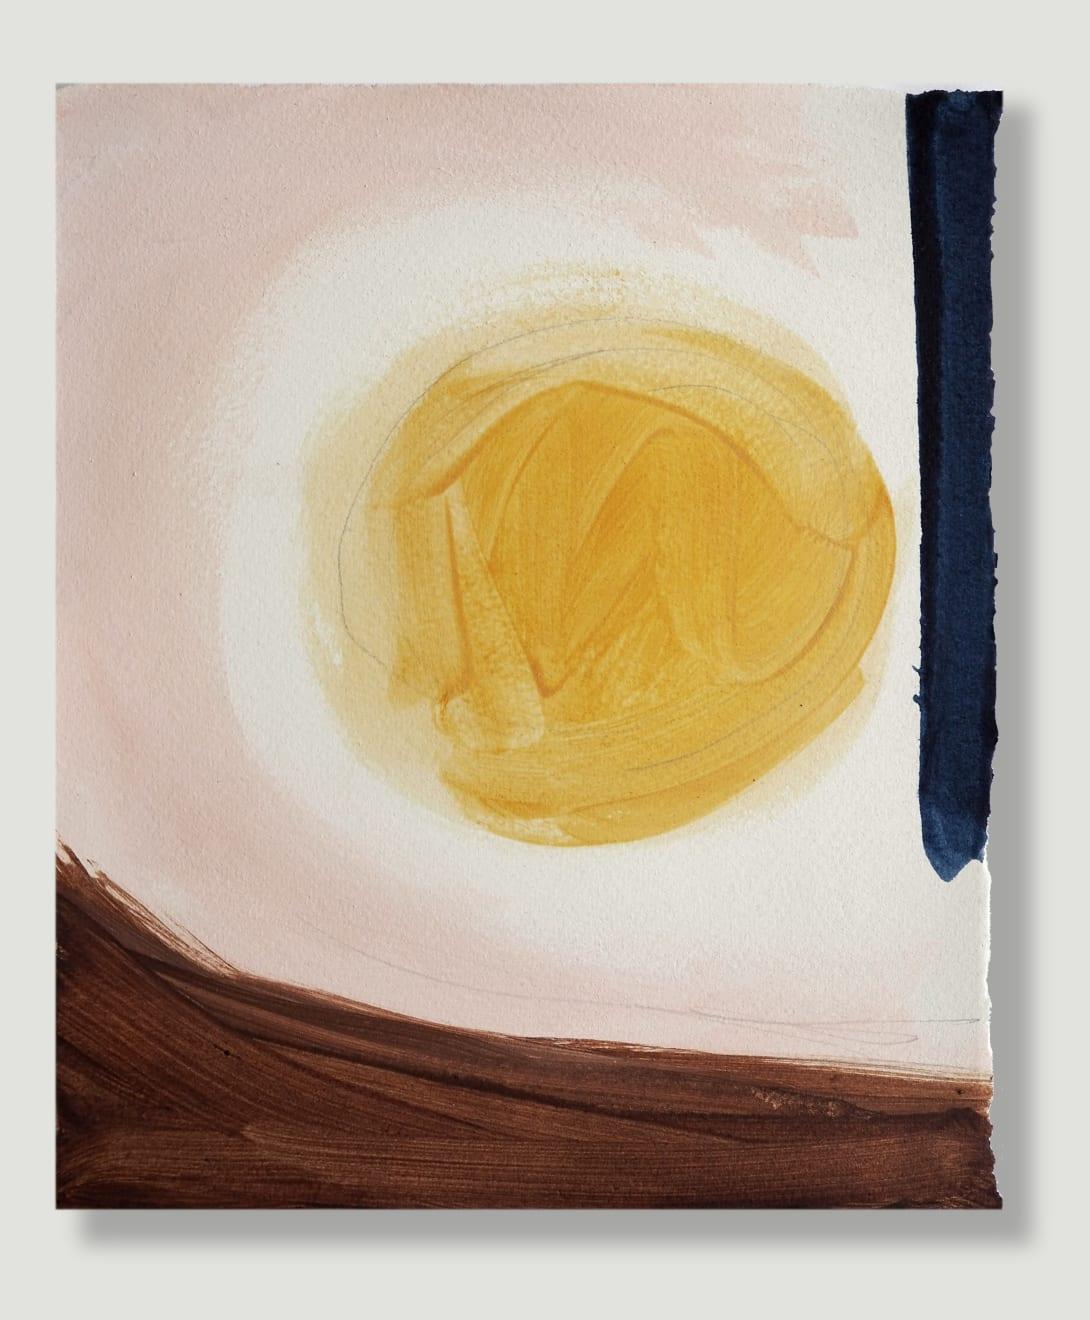 Caroline Popham, Sun Sketch III, 2020